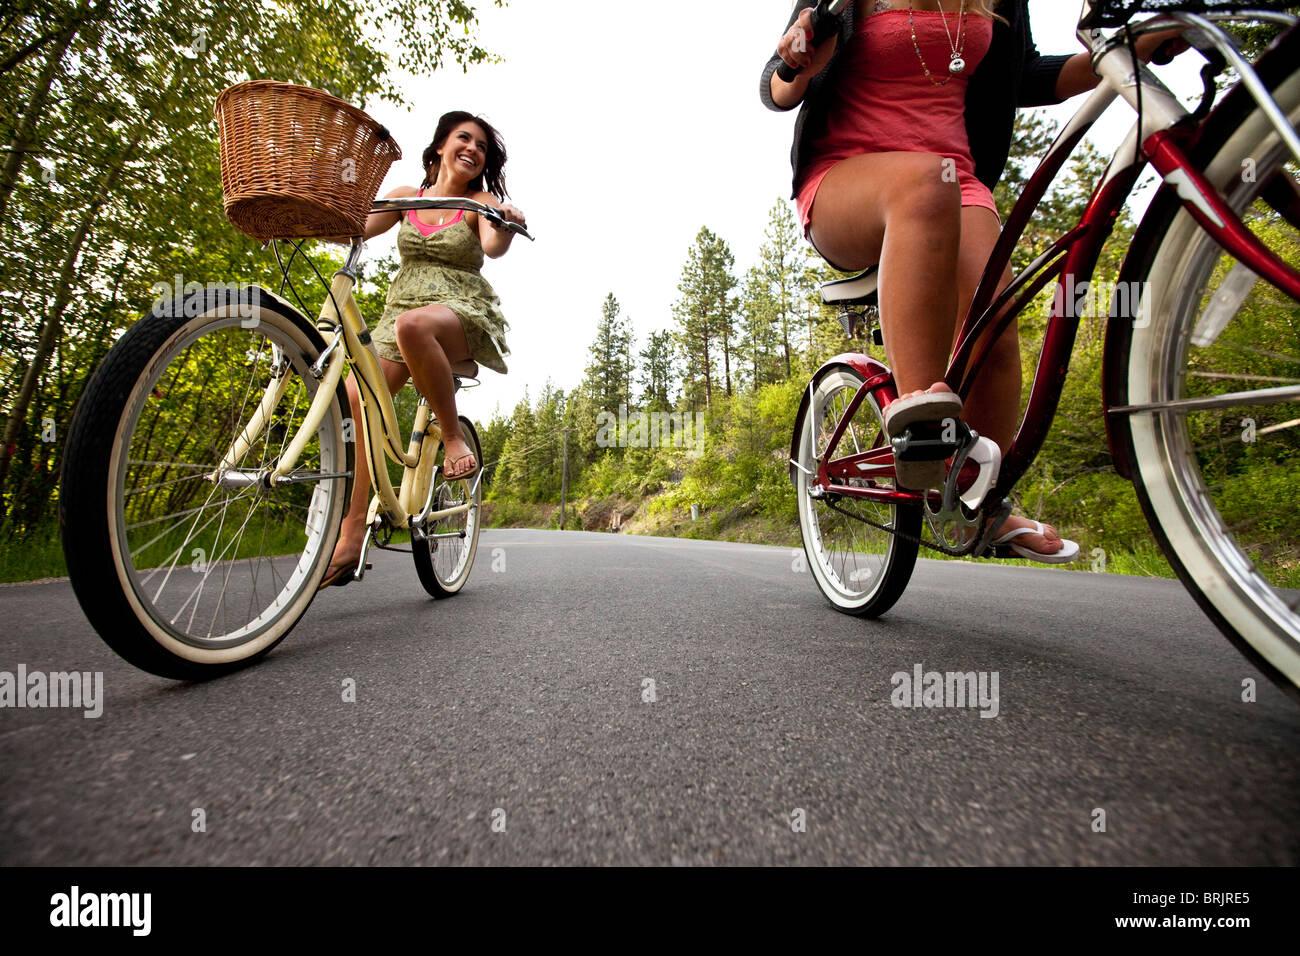 Donne ride incrociatori spiaggia accanto al lago in Idaho. Immagini Stock